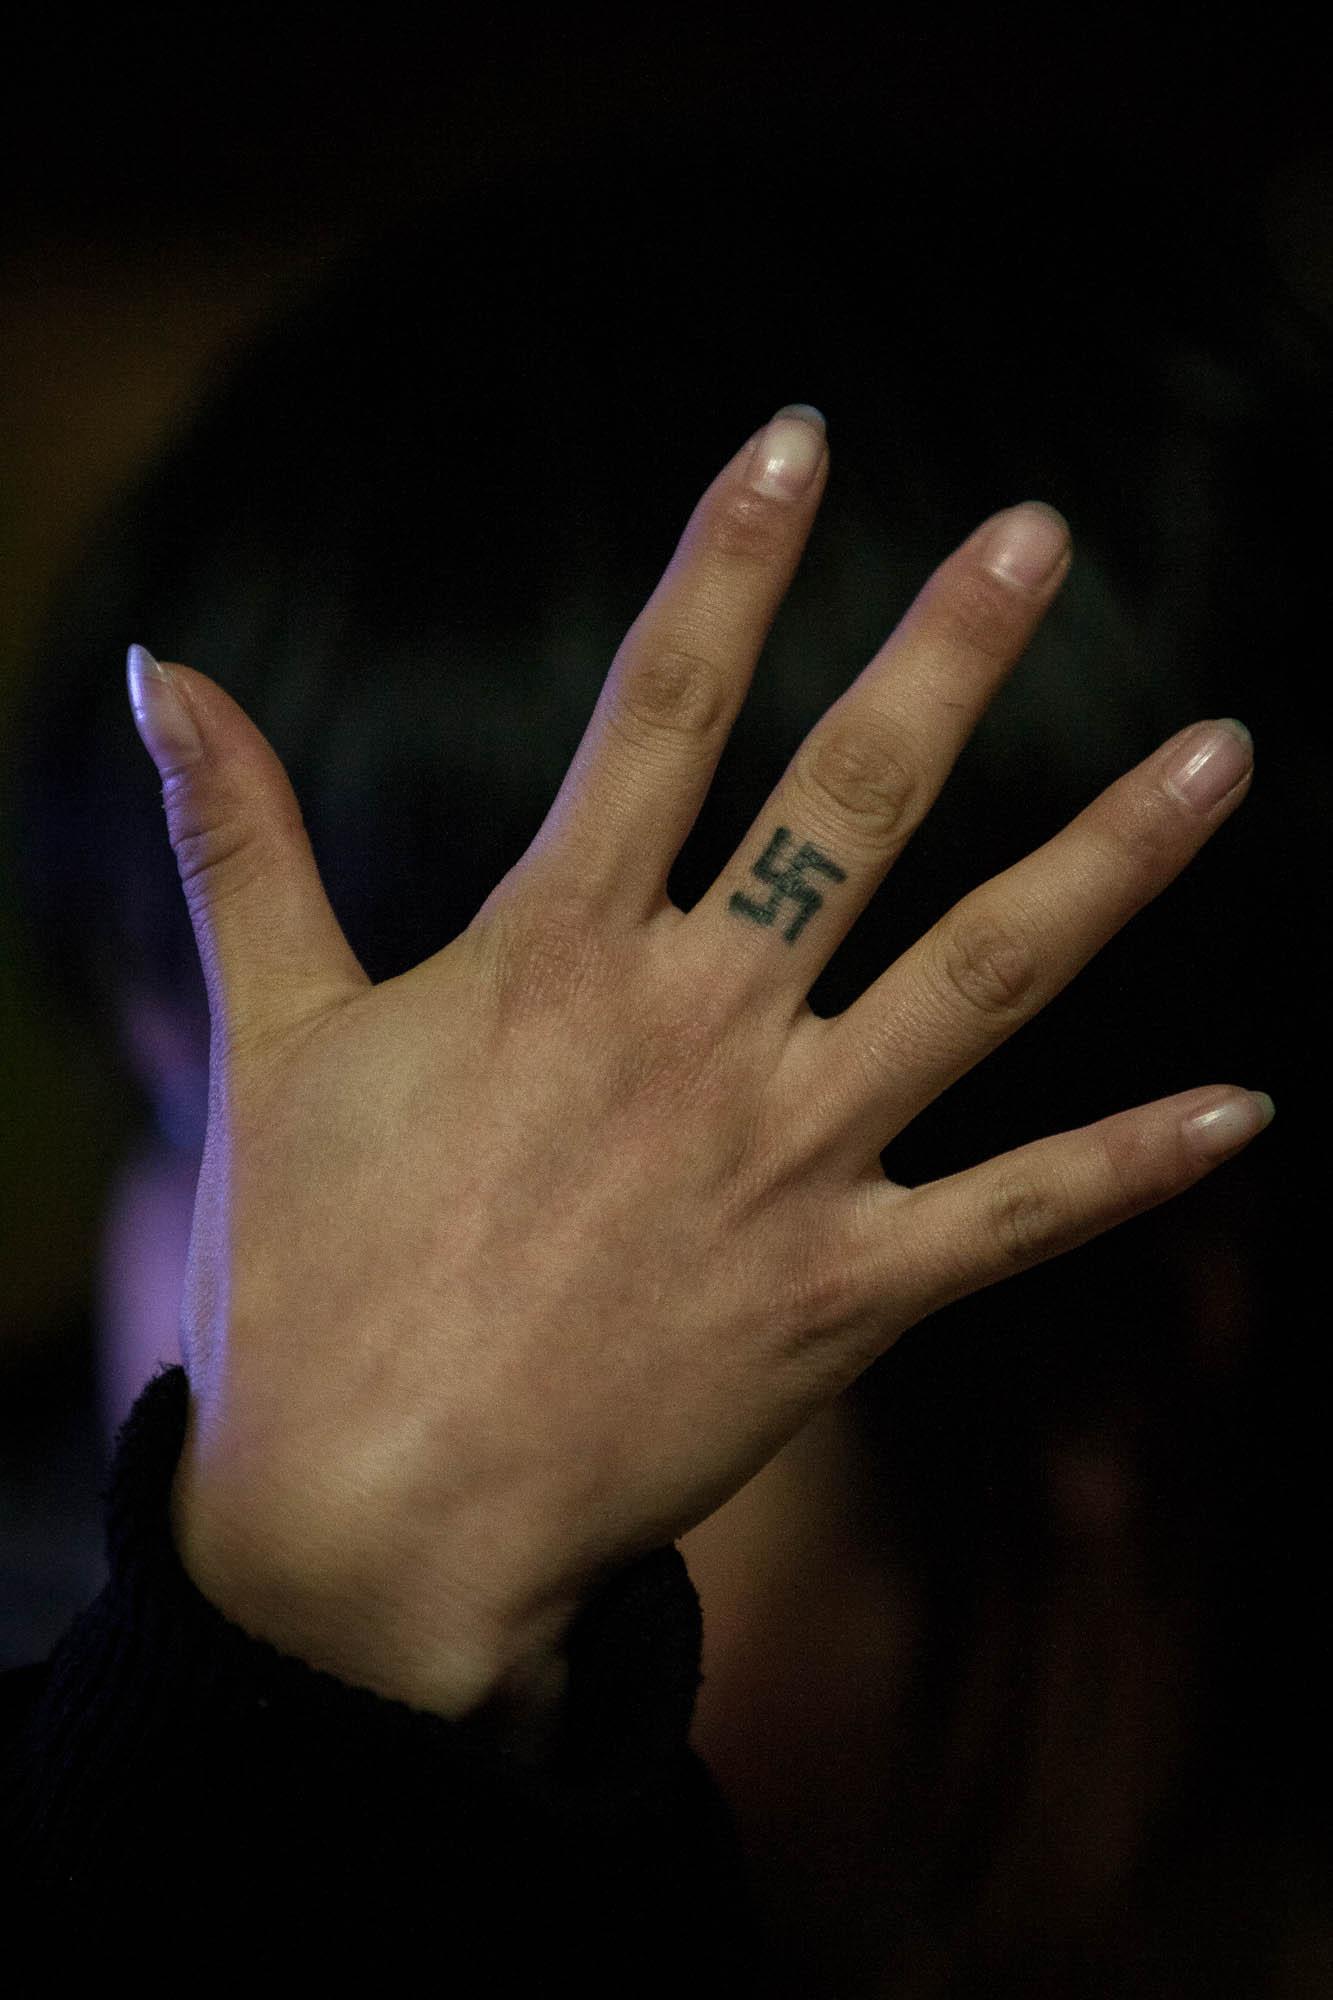 swastika tattoo